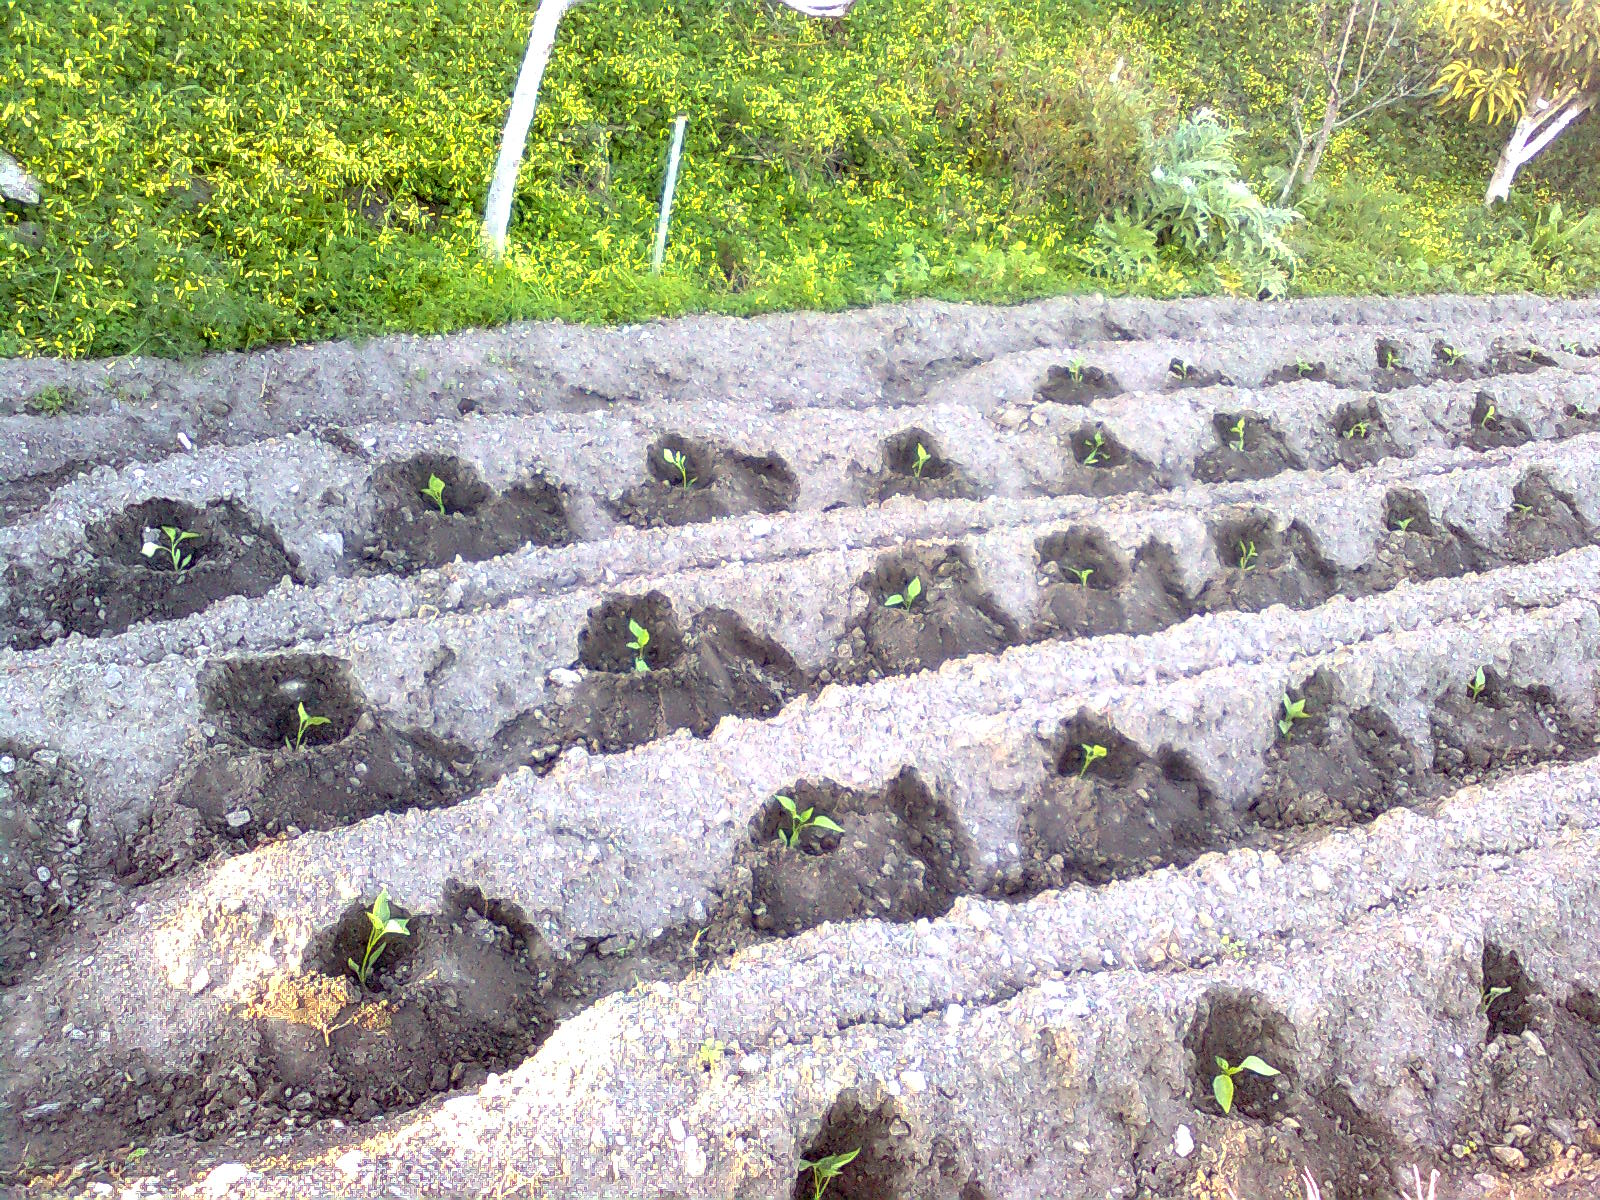 Diario de un campesino siembra de pimientos for Plantar pimientos y tomates